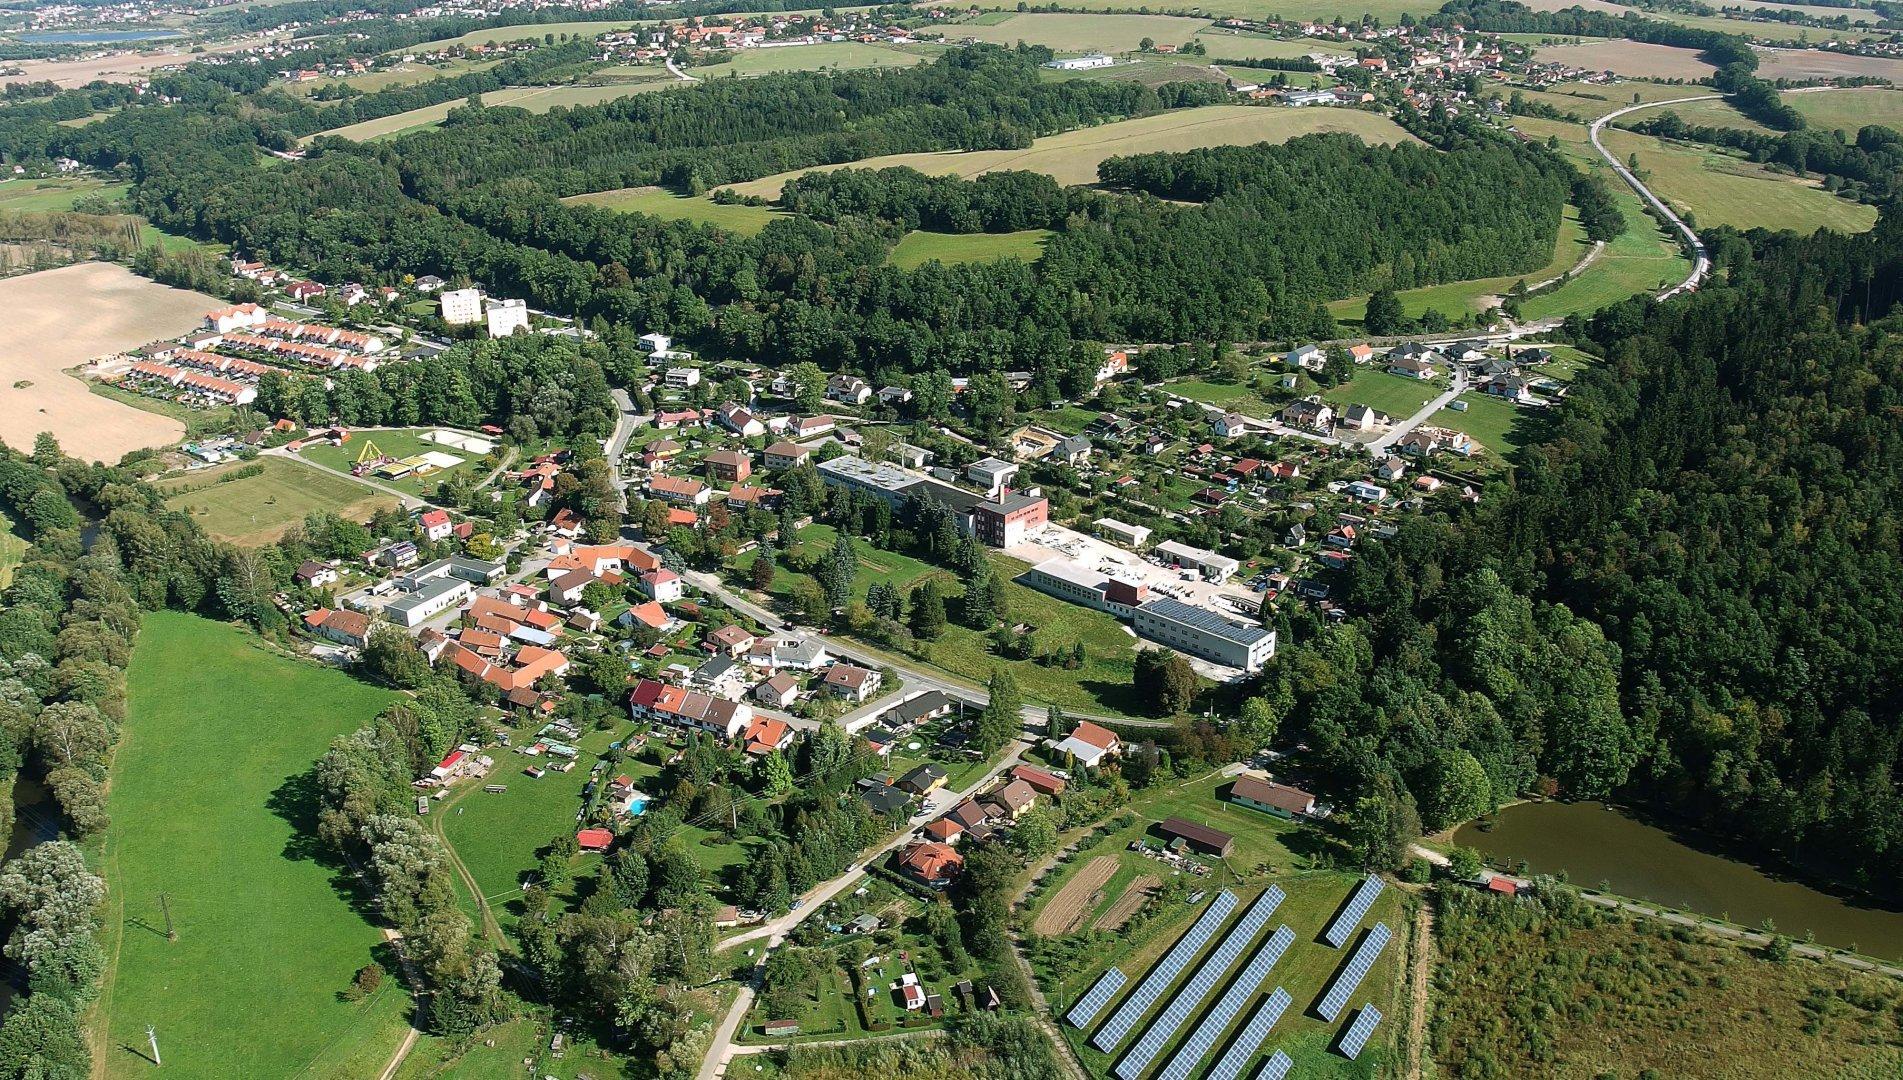 Letecký pohledn na obec Vidov